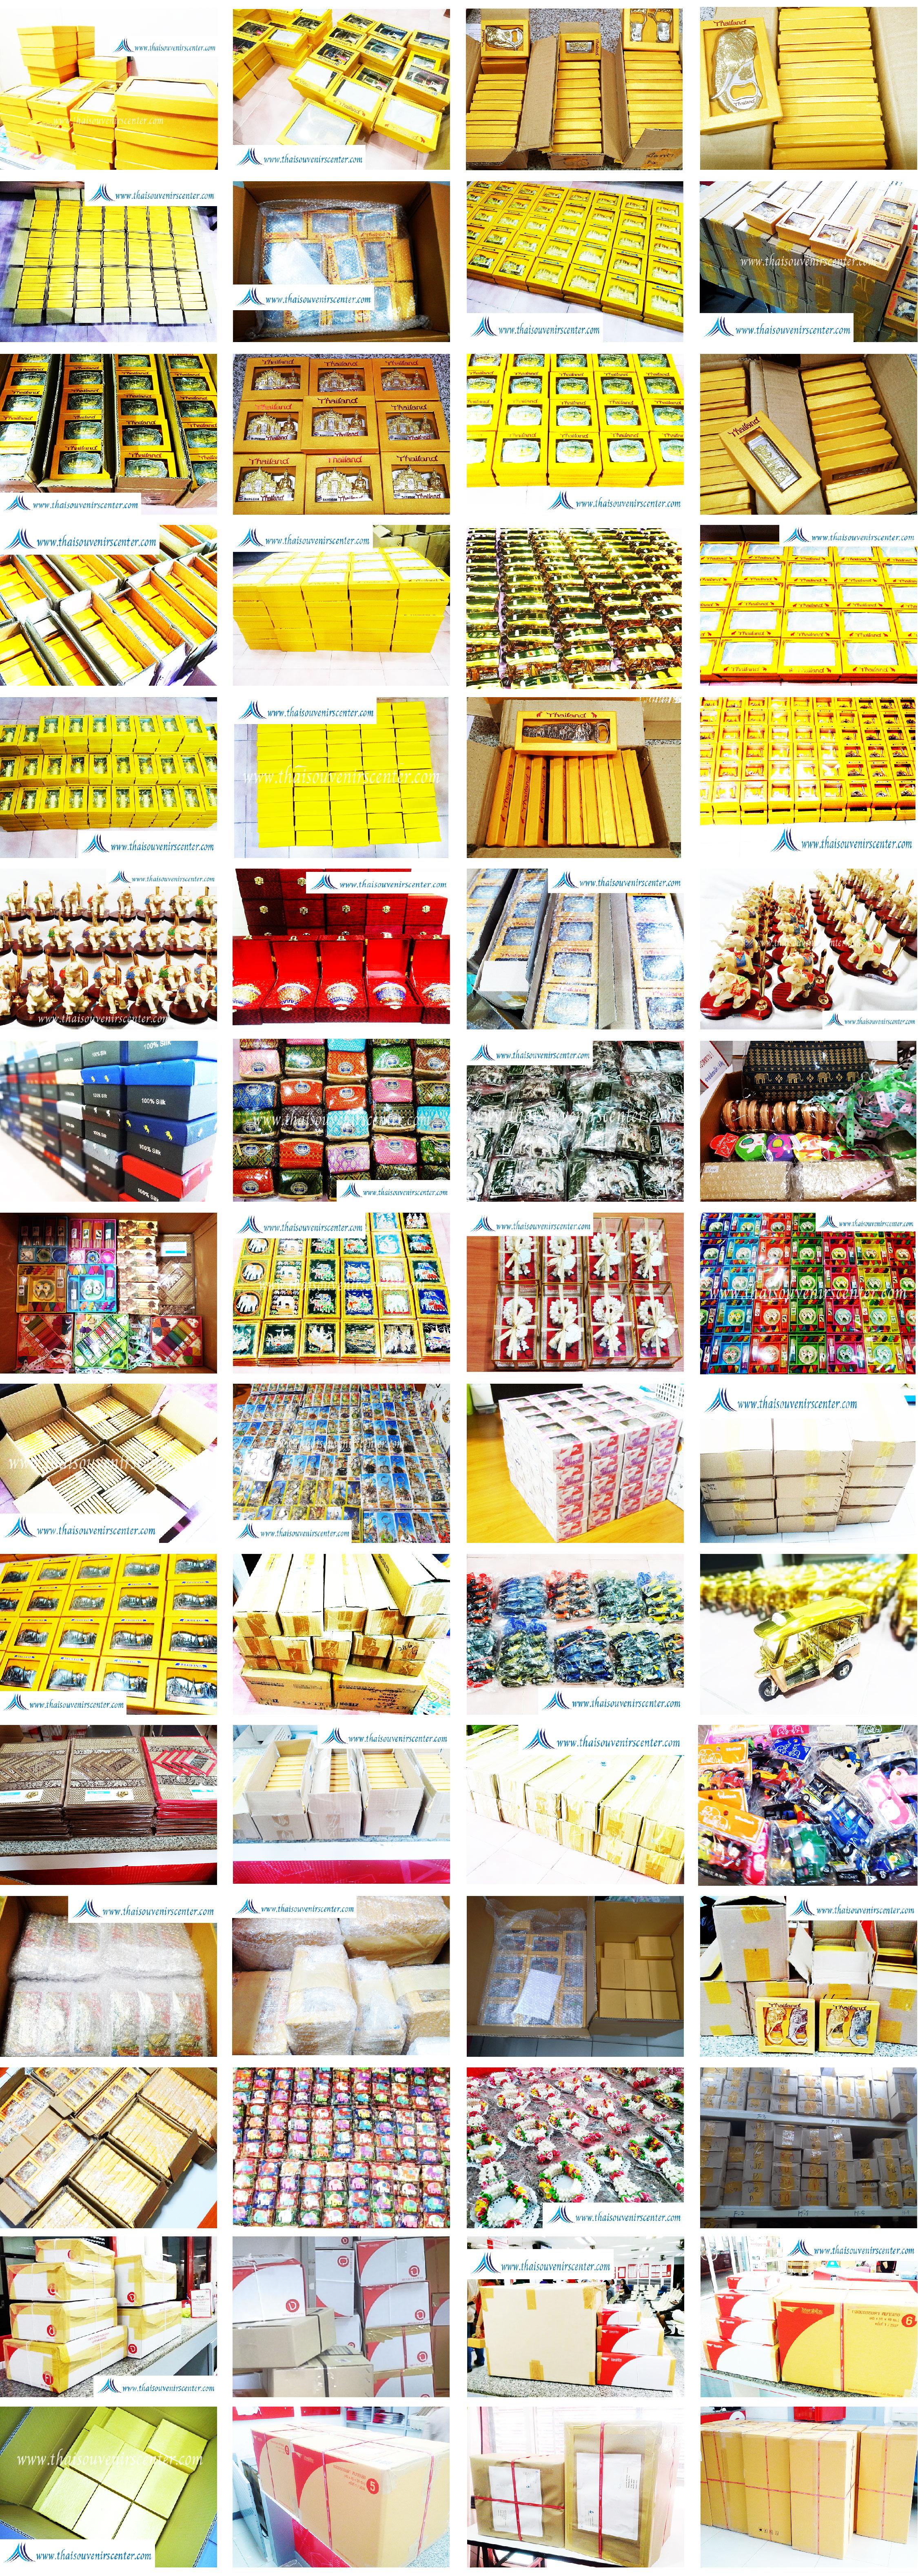 ตัวอย่างสินค้าที่จัดส่งของที่ระลึก ของขวัญ ของพรีเมี่ยม thaisouvenirscenter